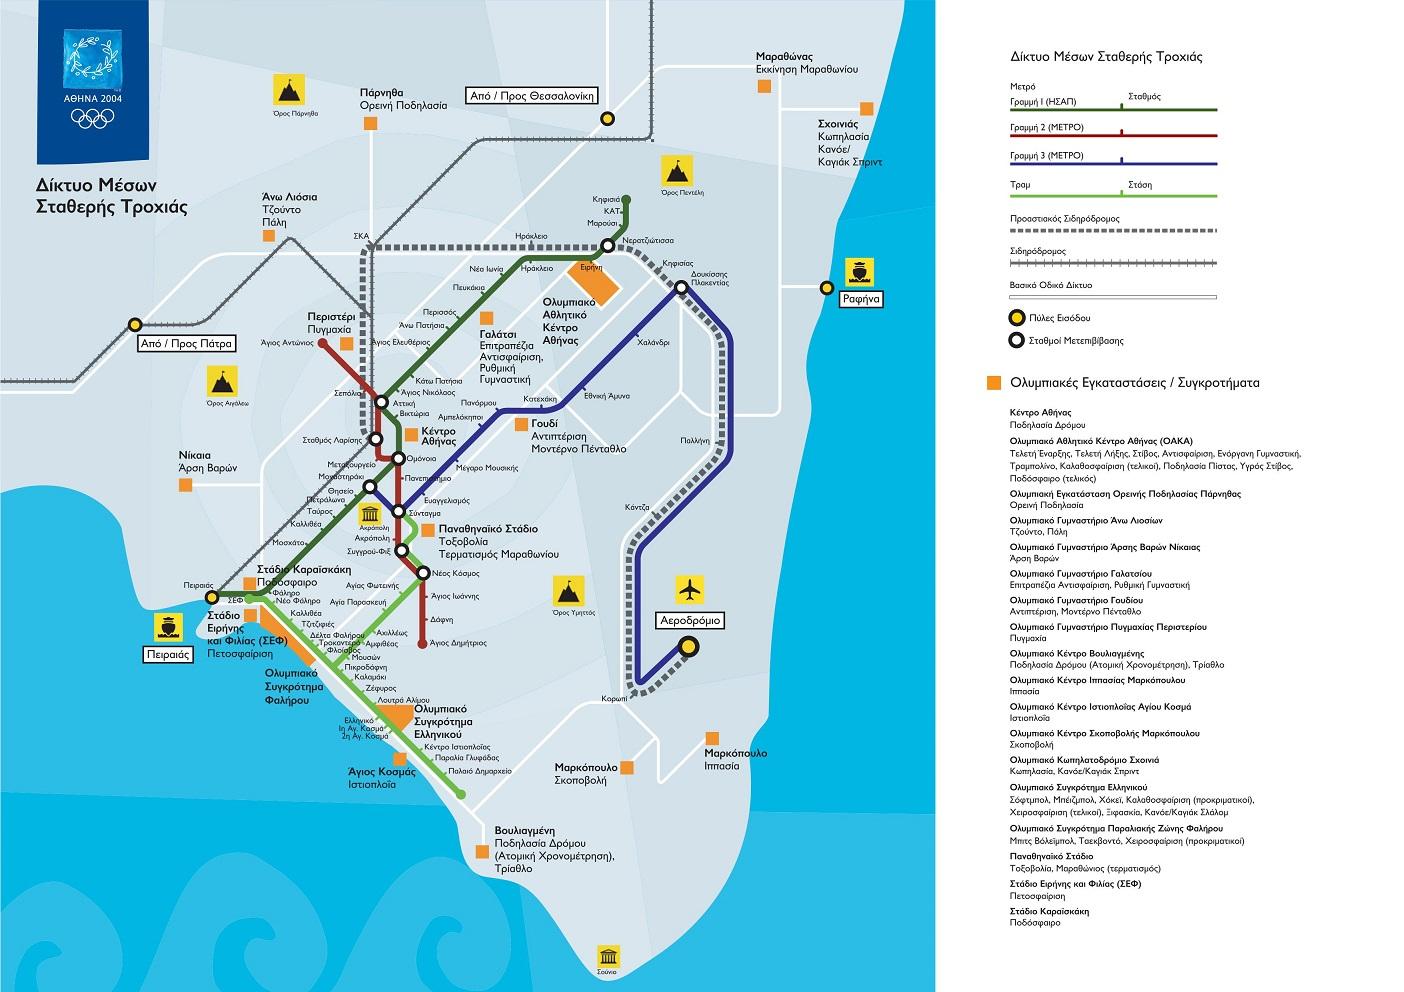 Δίκτυο Μέσων Σταθερής Τροχιάς Αθήνα 2004